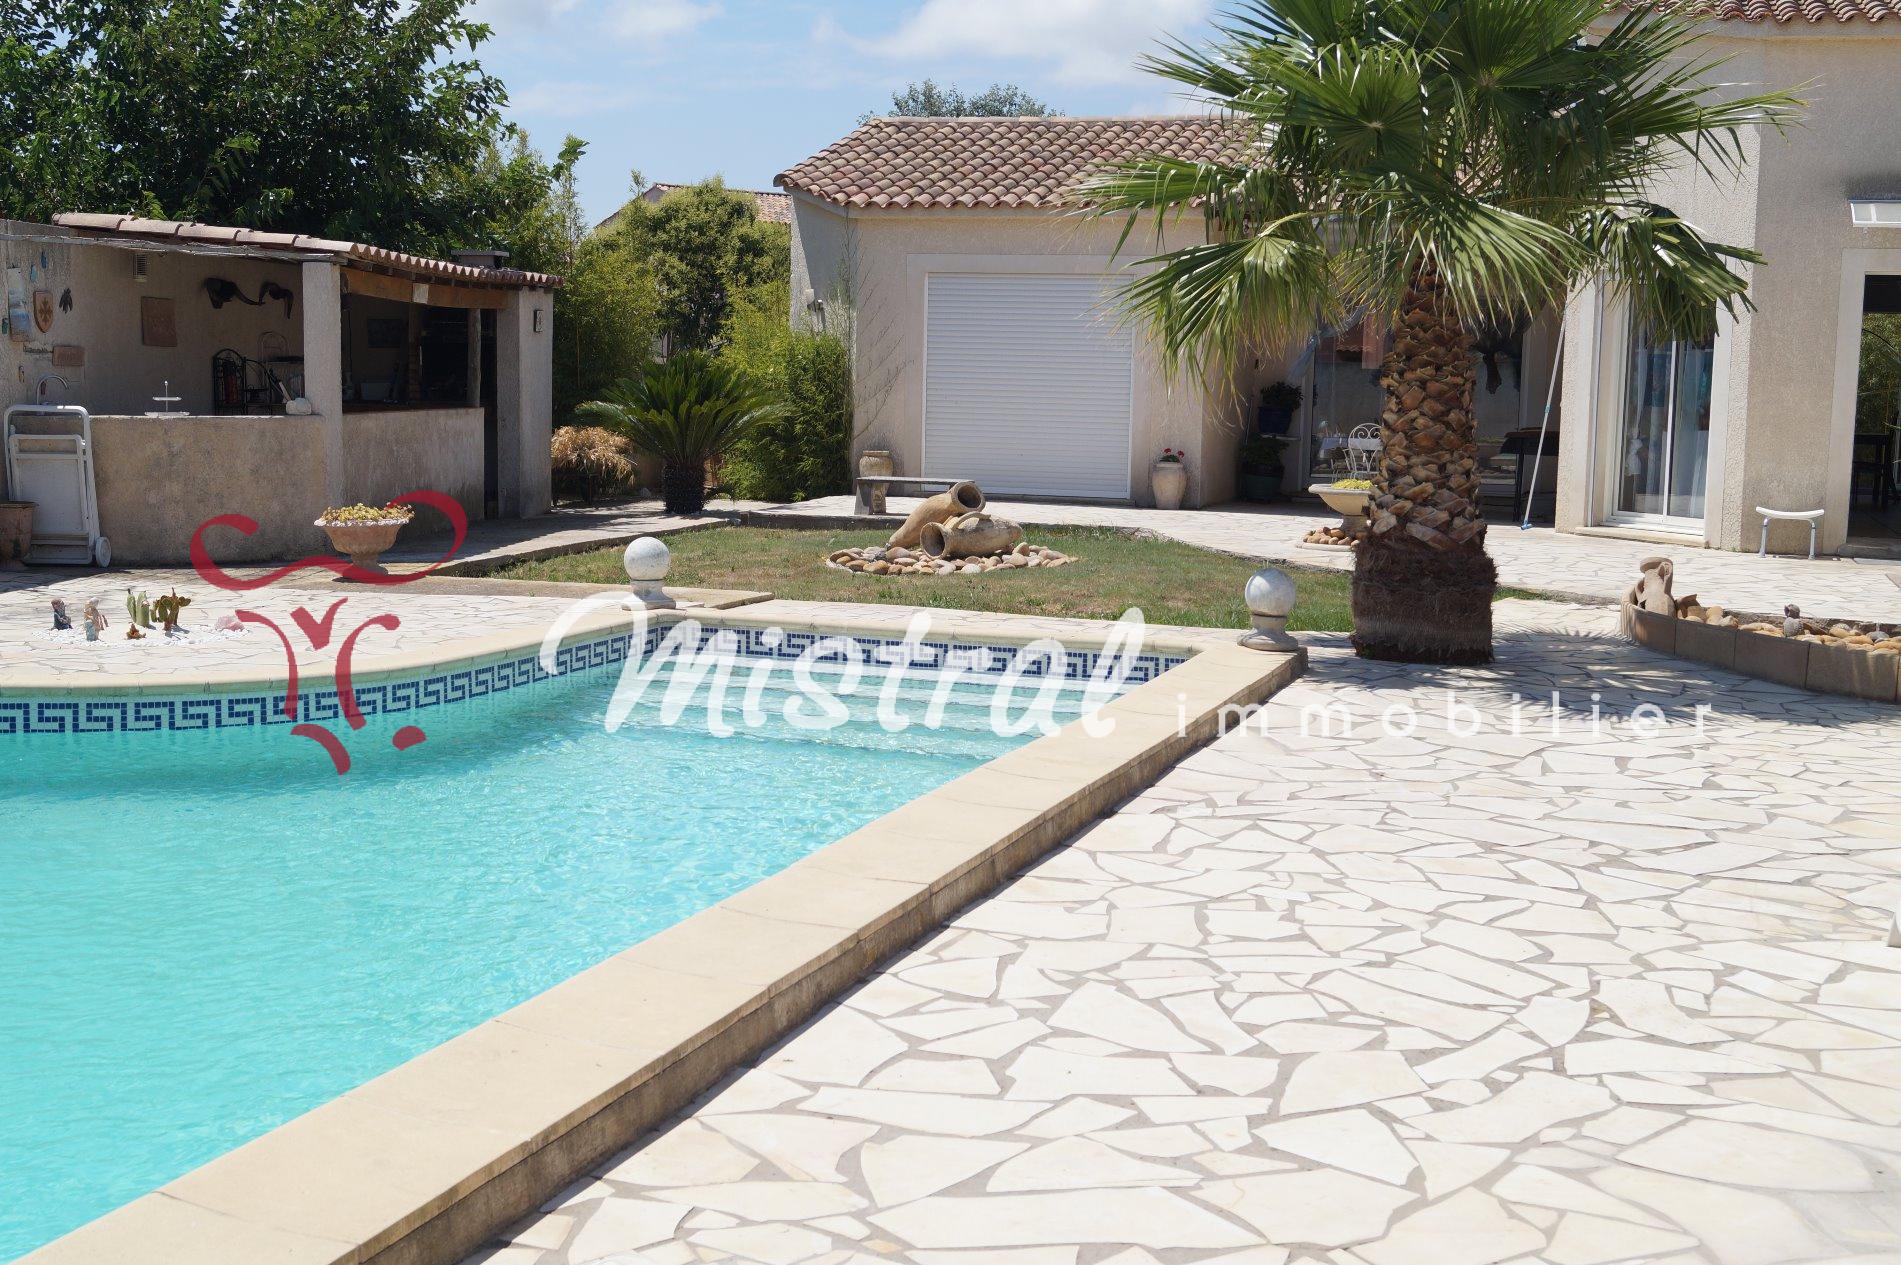 Vente vente villa de plain pied 3 chambres avec piscine for Vendeur piscine